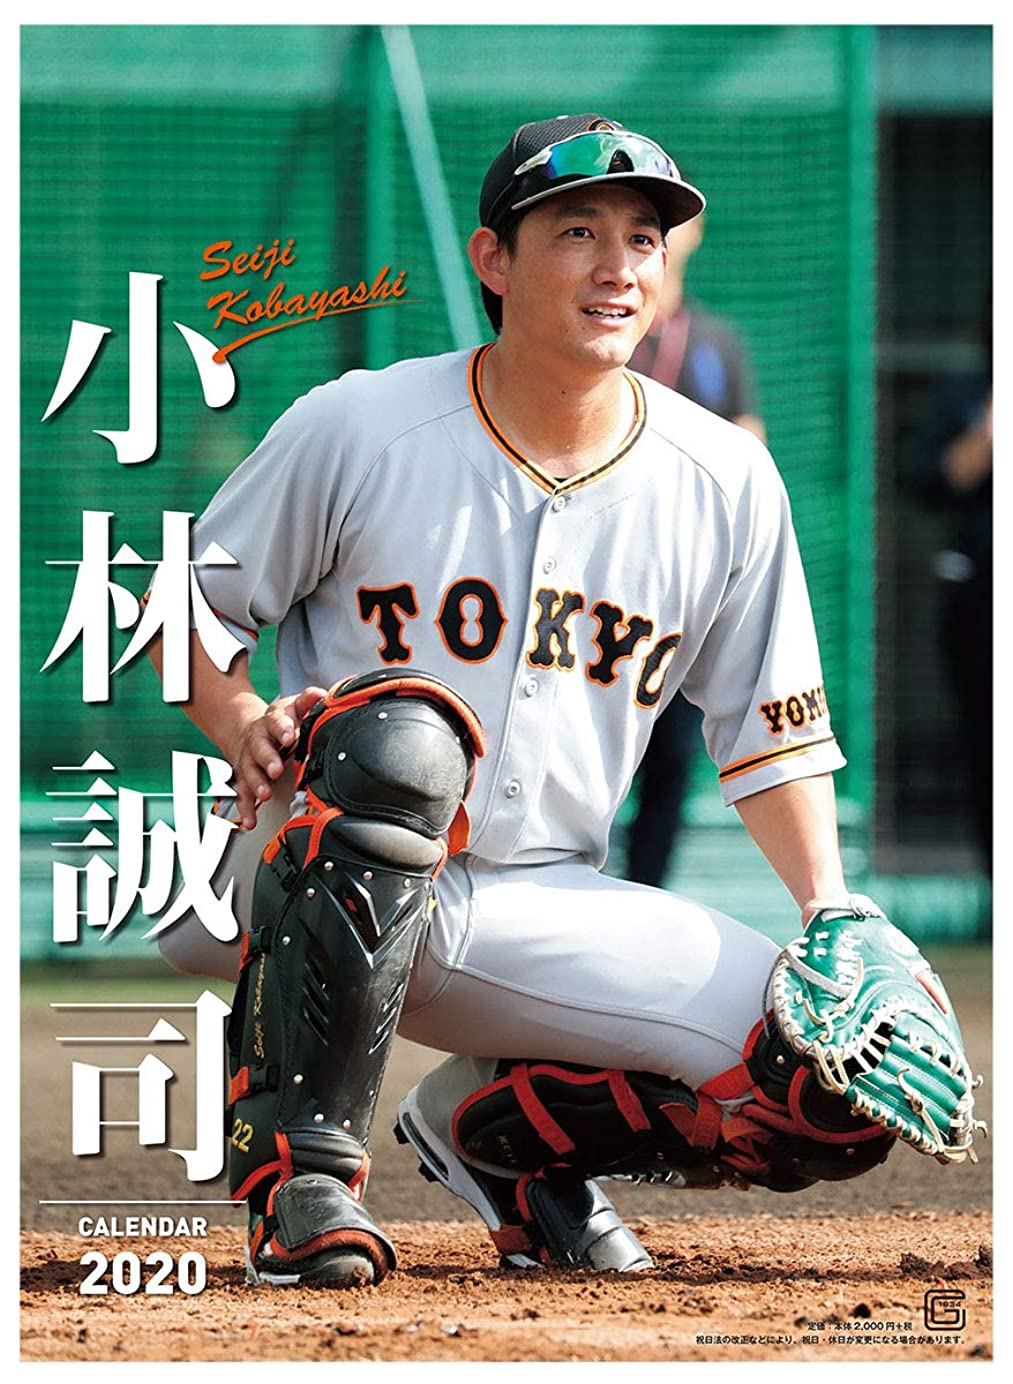 に慣れリア王高尚な報知新聞社 小林誠司(読売ジャイアンツ) 2020年 カレンダー CL-581 壁掛け B2 プロ野球 巨人